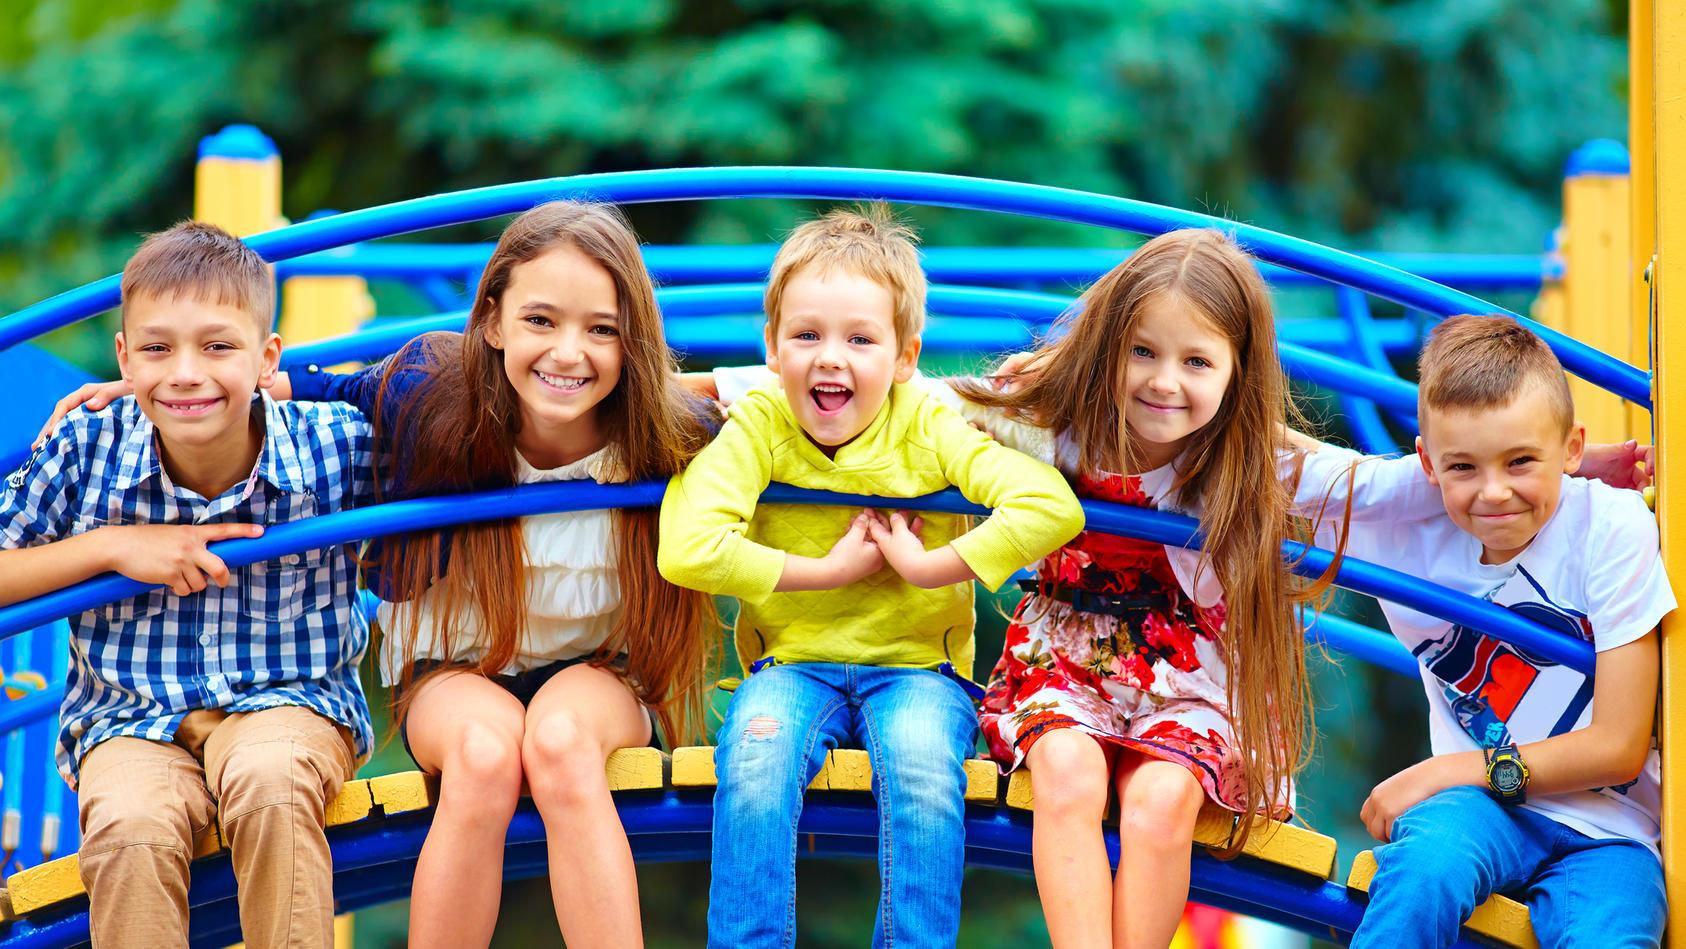 Kinder wollen sich auch in Coronazeiten mit ihren Freunden treffen - aber geht das?